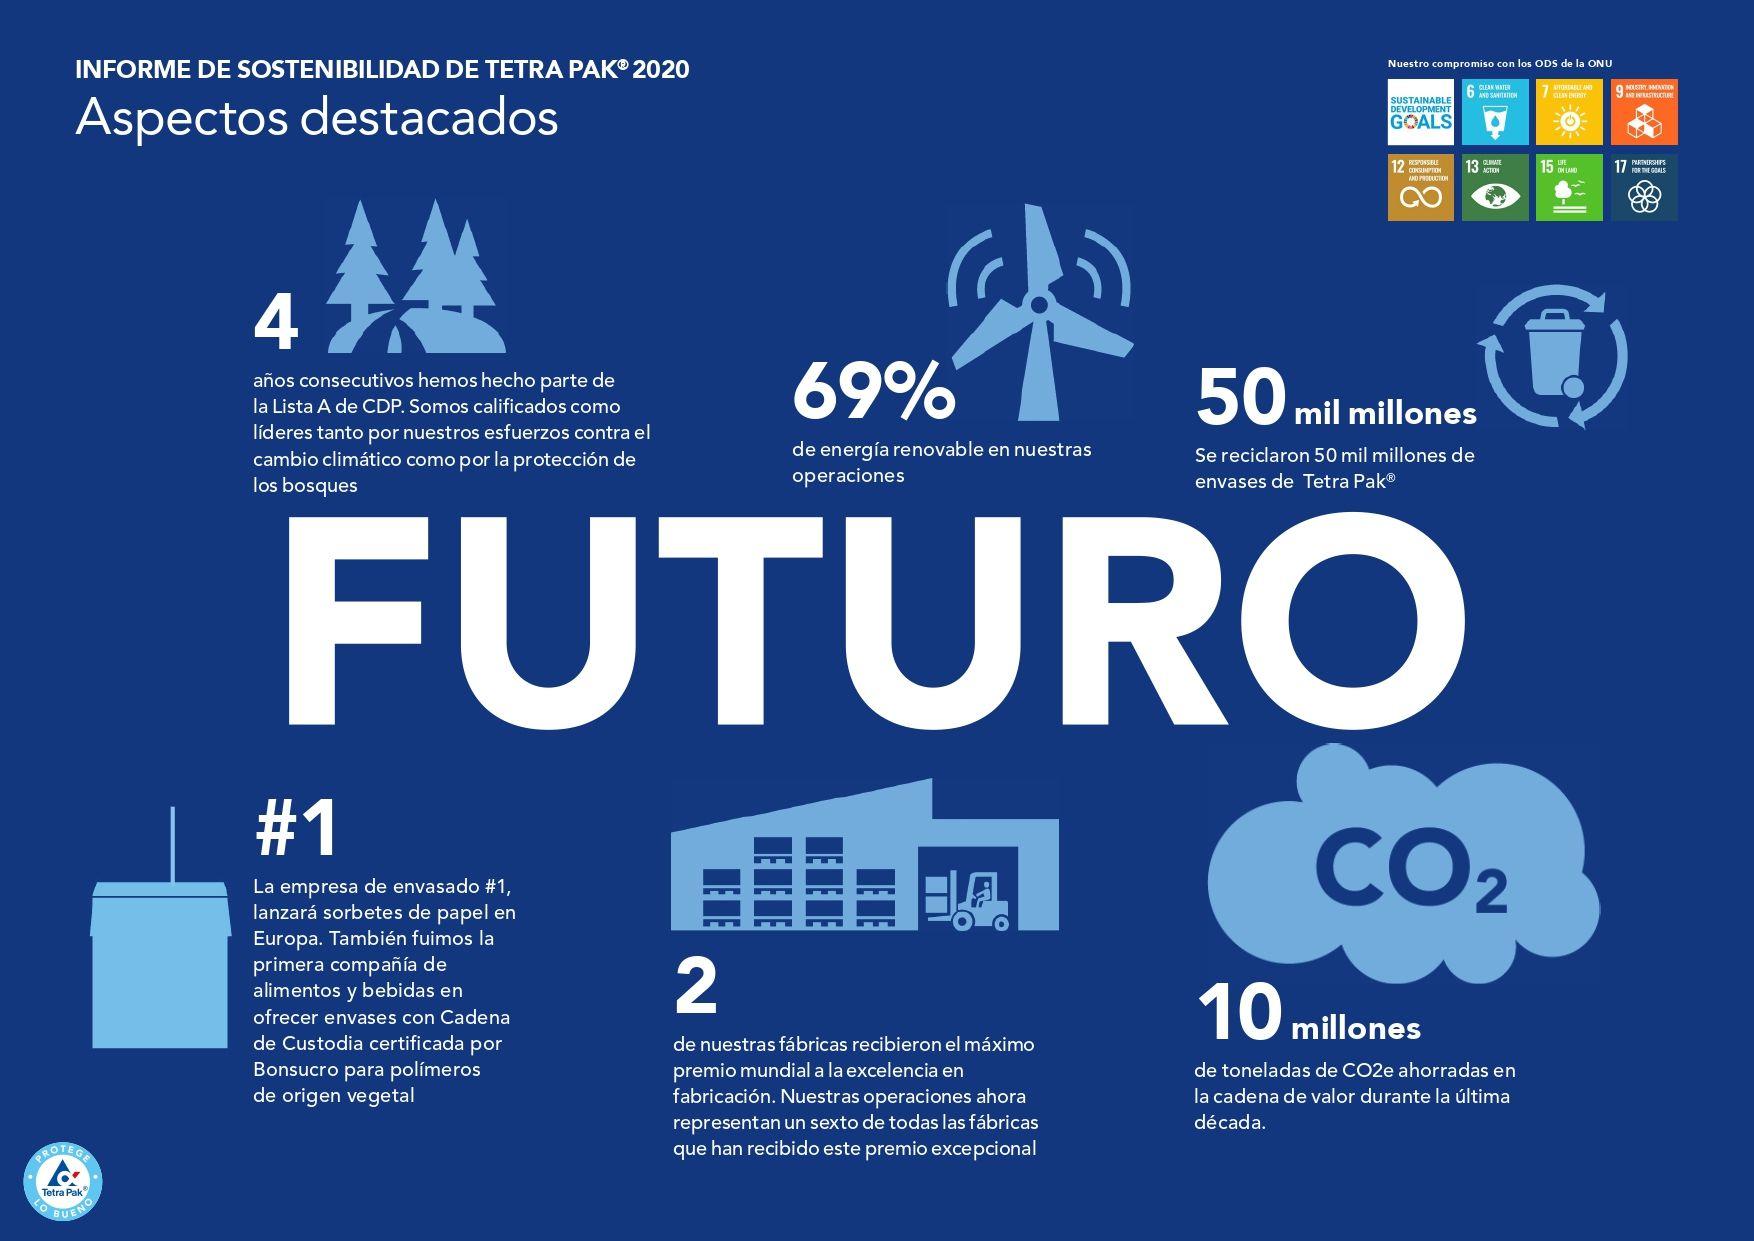 <p><strong>Tetra Pak busca liderar la transformaci&oacute;n de la sostenibilidad en todo el mundo</strong></p>